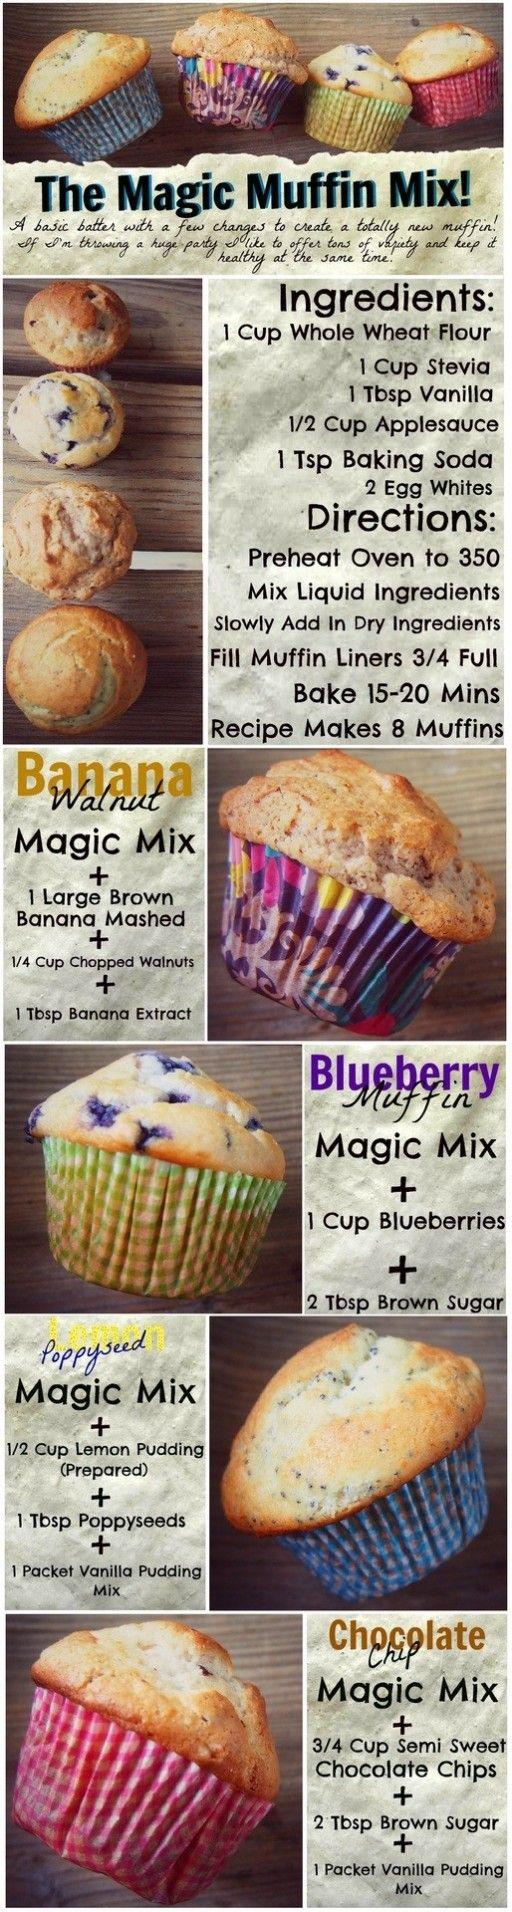 Magic Muffin Recipe